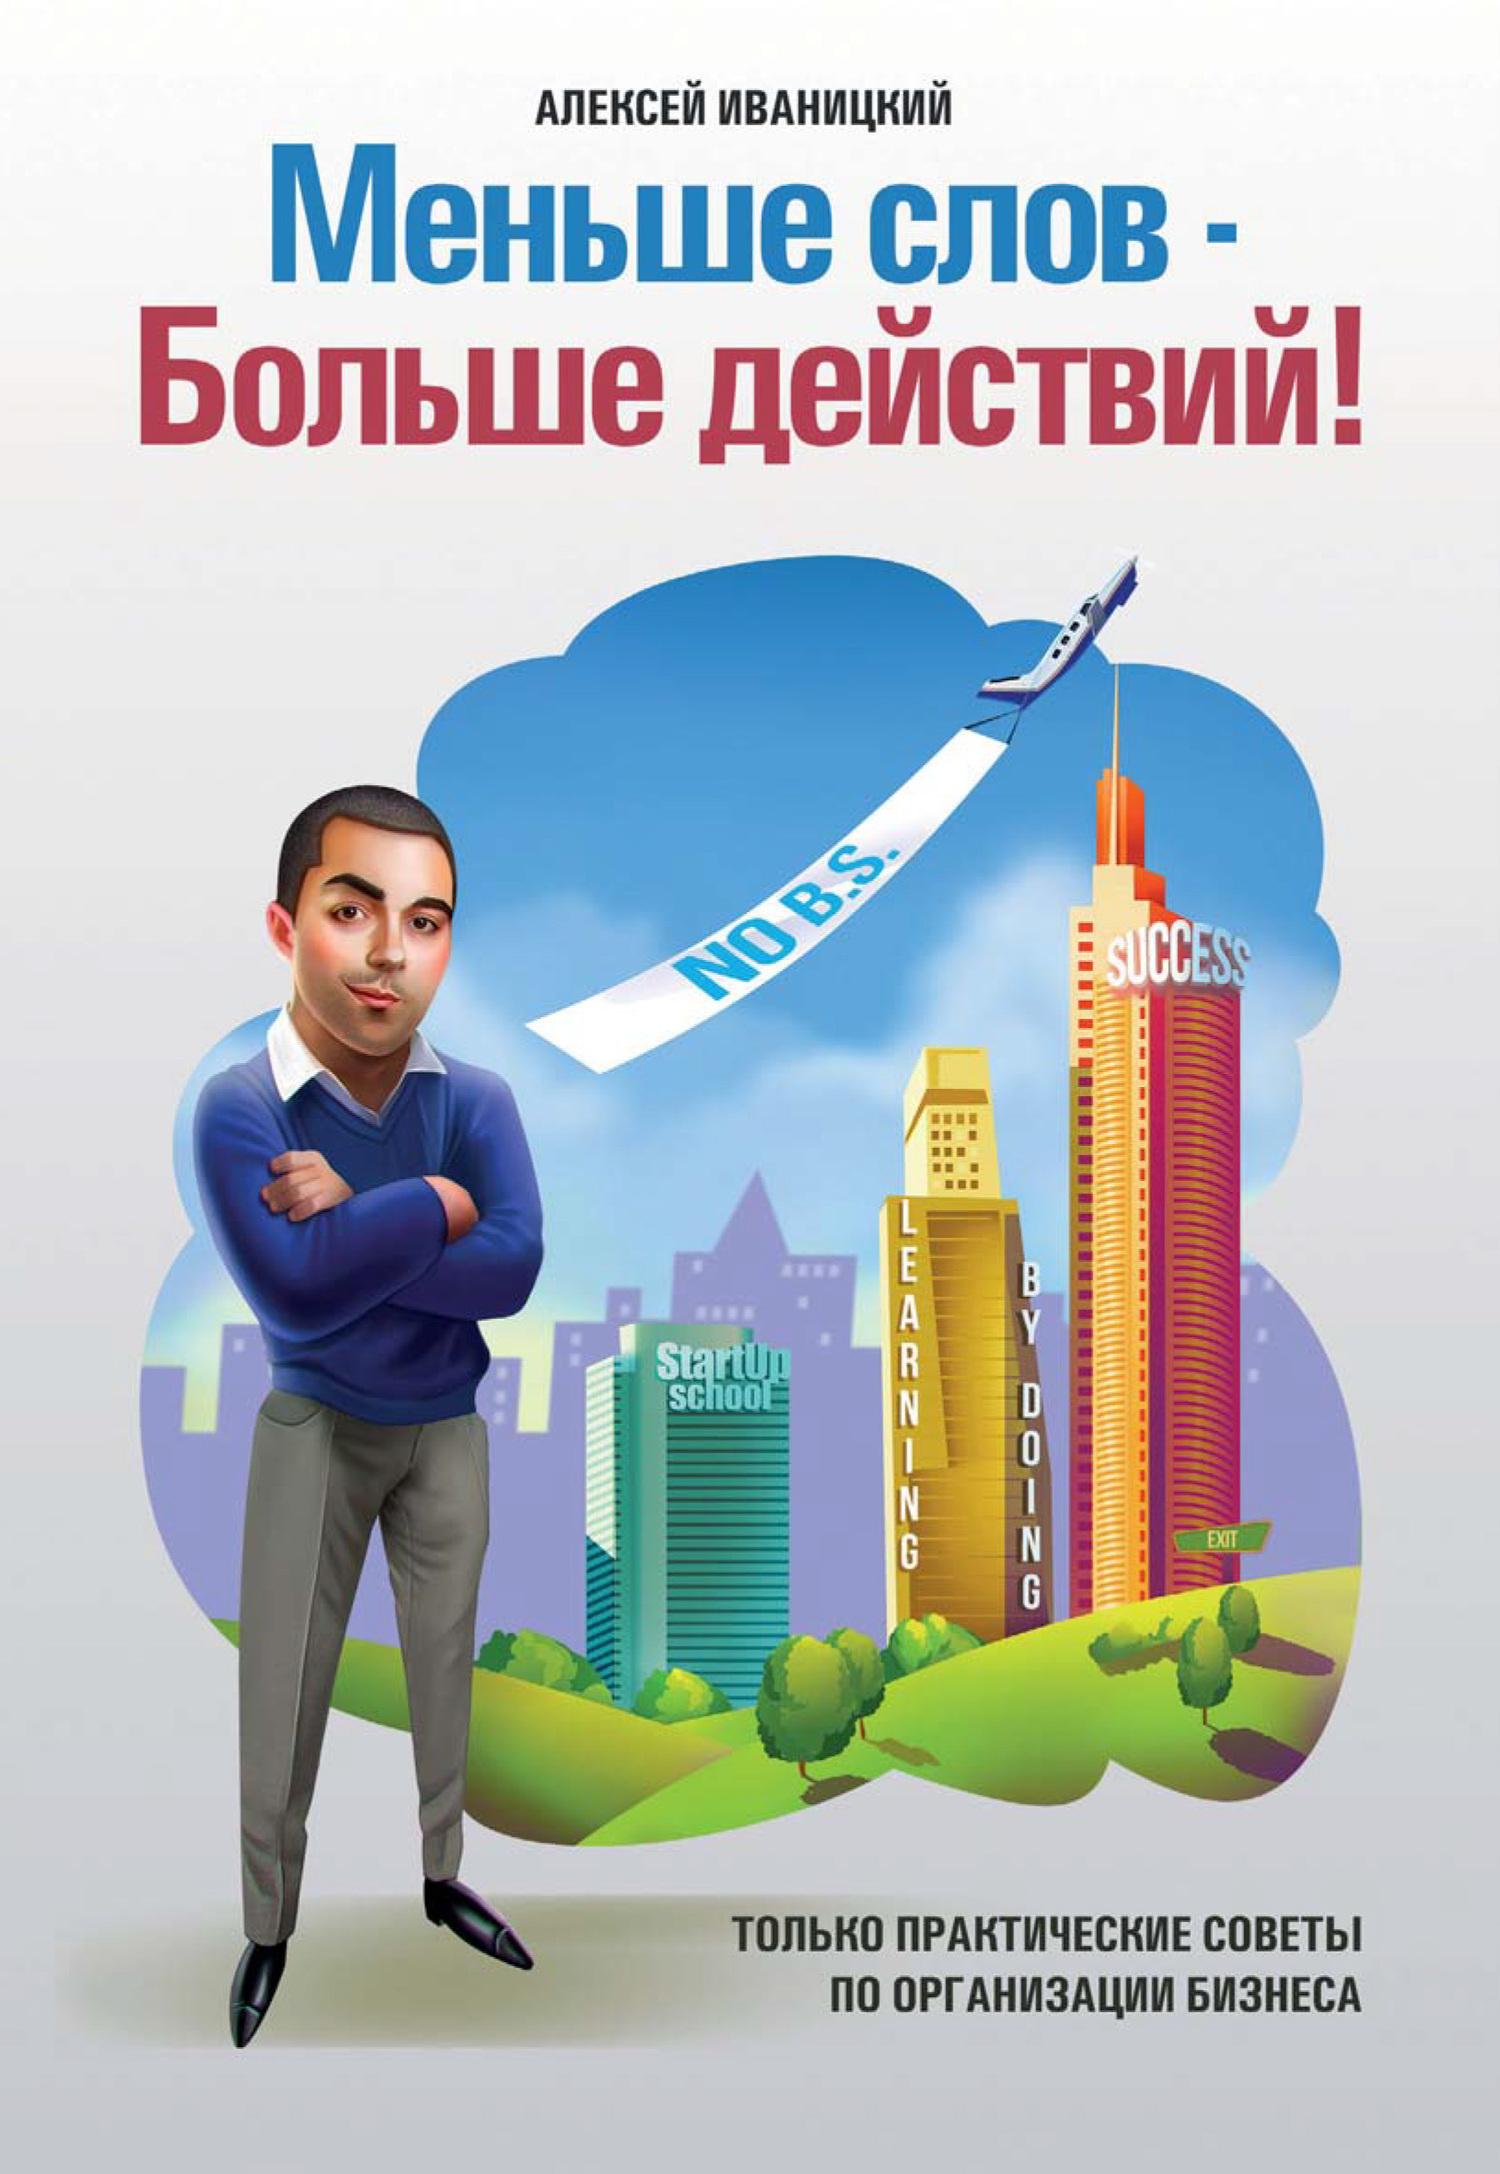 Обложка книги. Автор - Алексей Иваницкий